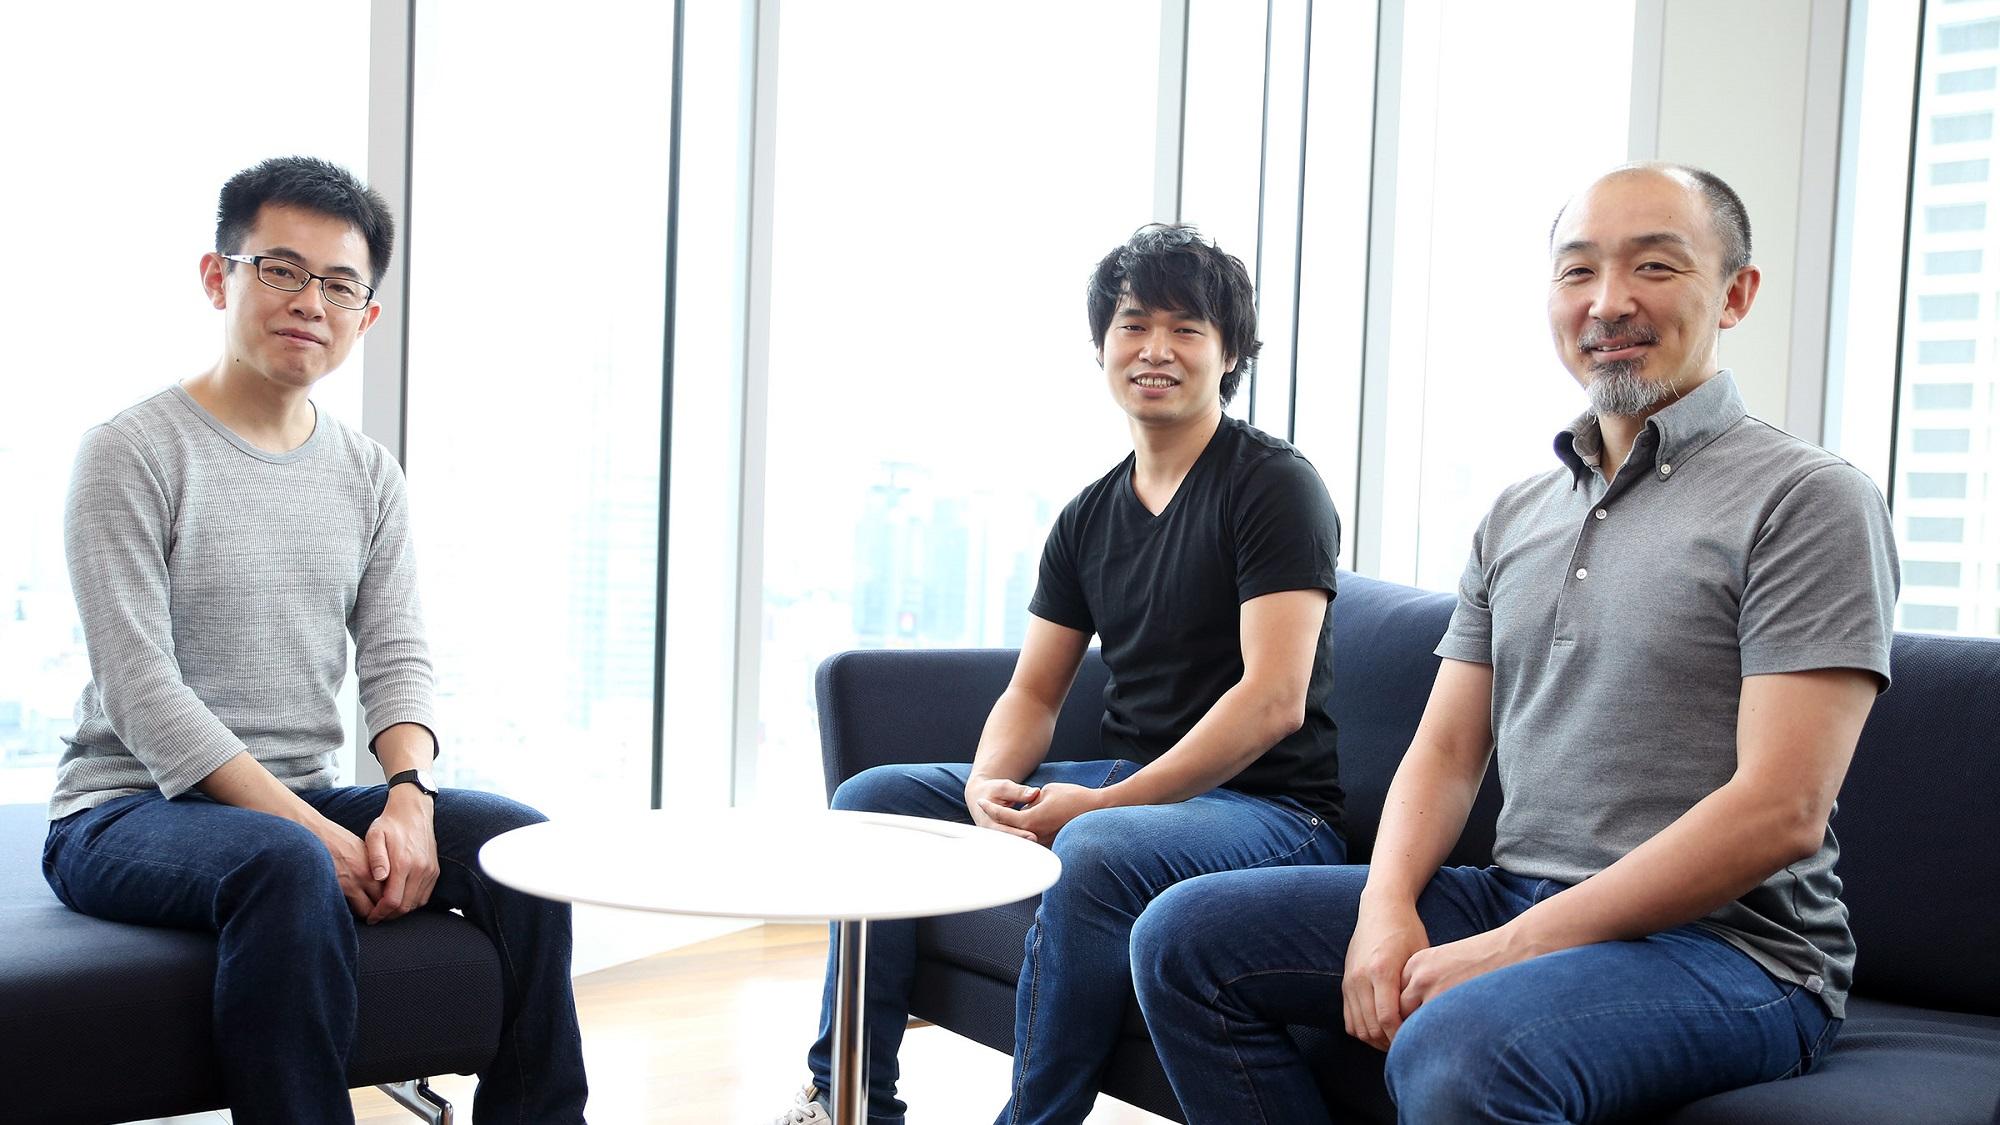 セキュリティに関わる社員3名が並んで座っている様子の写真